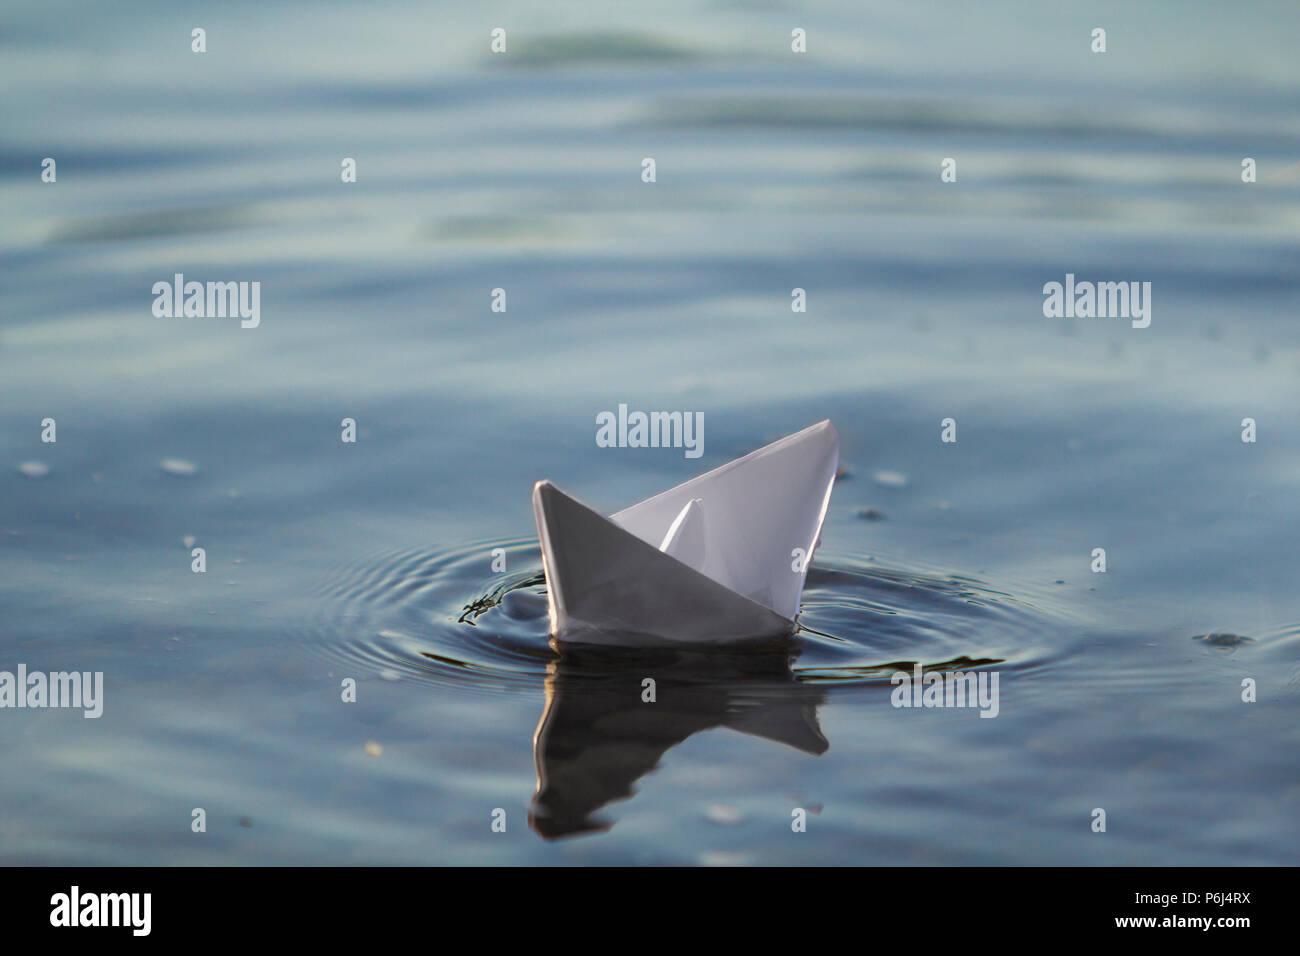 Close Up De Simple Petit Origami Papier Blanc Bateau Flottant Tranquillement Dans Les Eaux Claires De